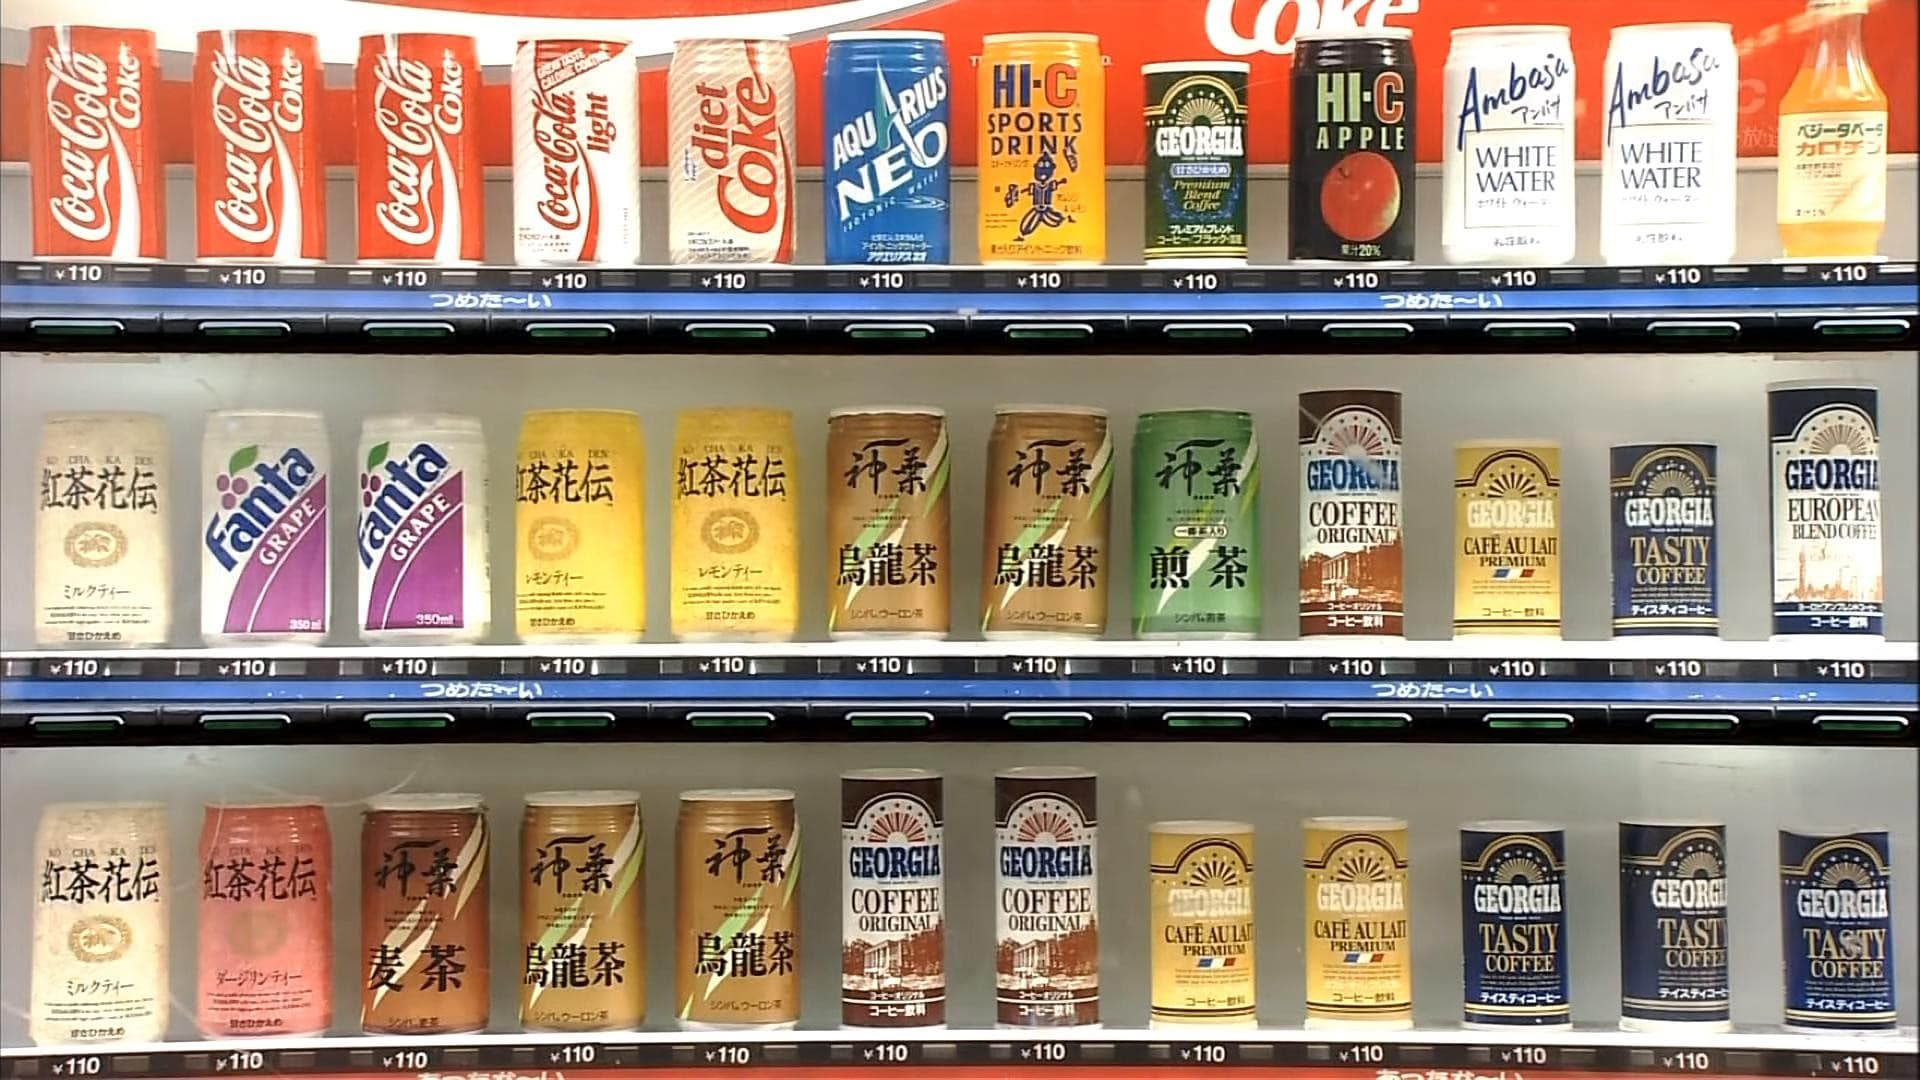 【画像】20年前のコカ・コーラ自販機のラインナップをご覧ください